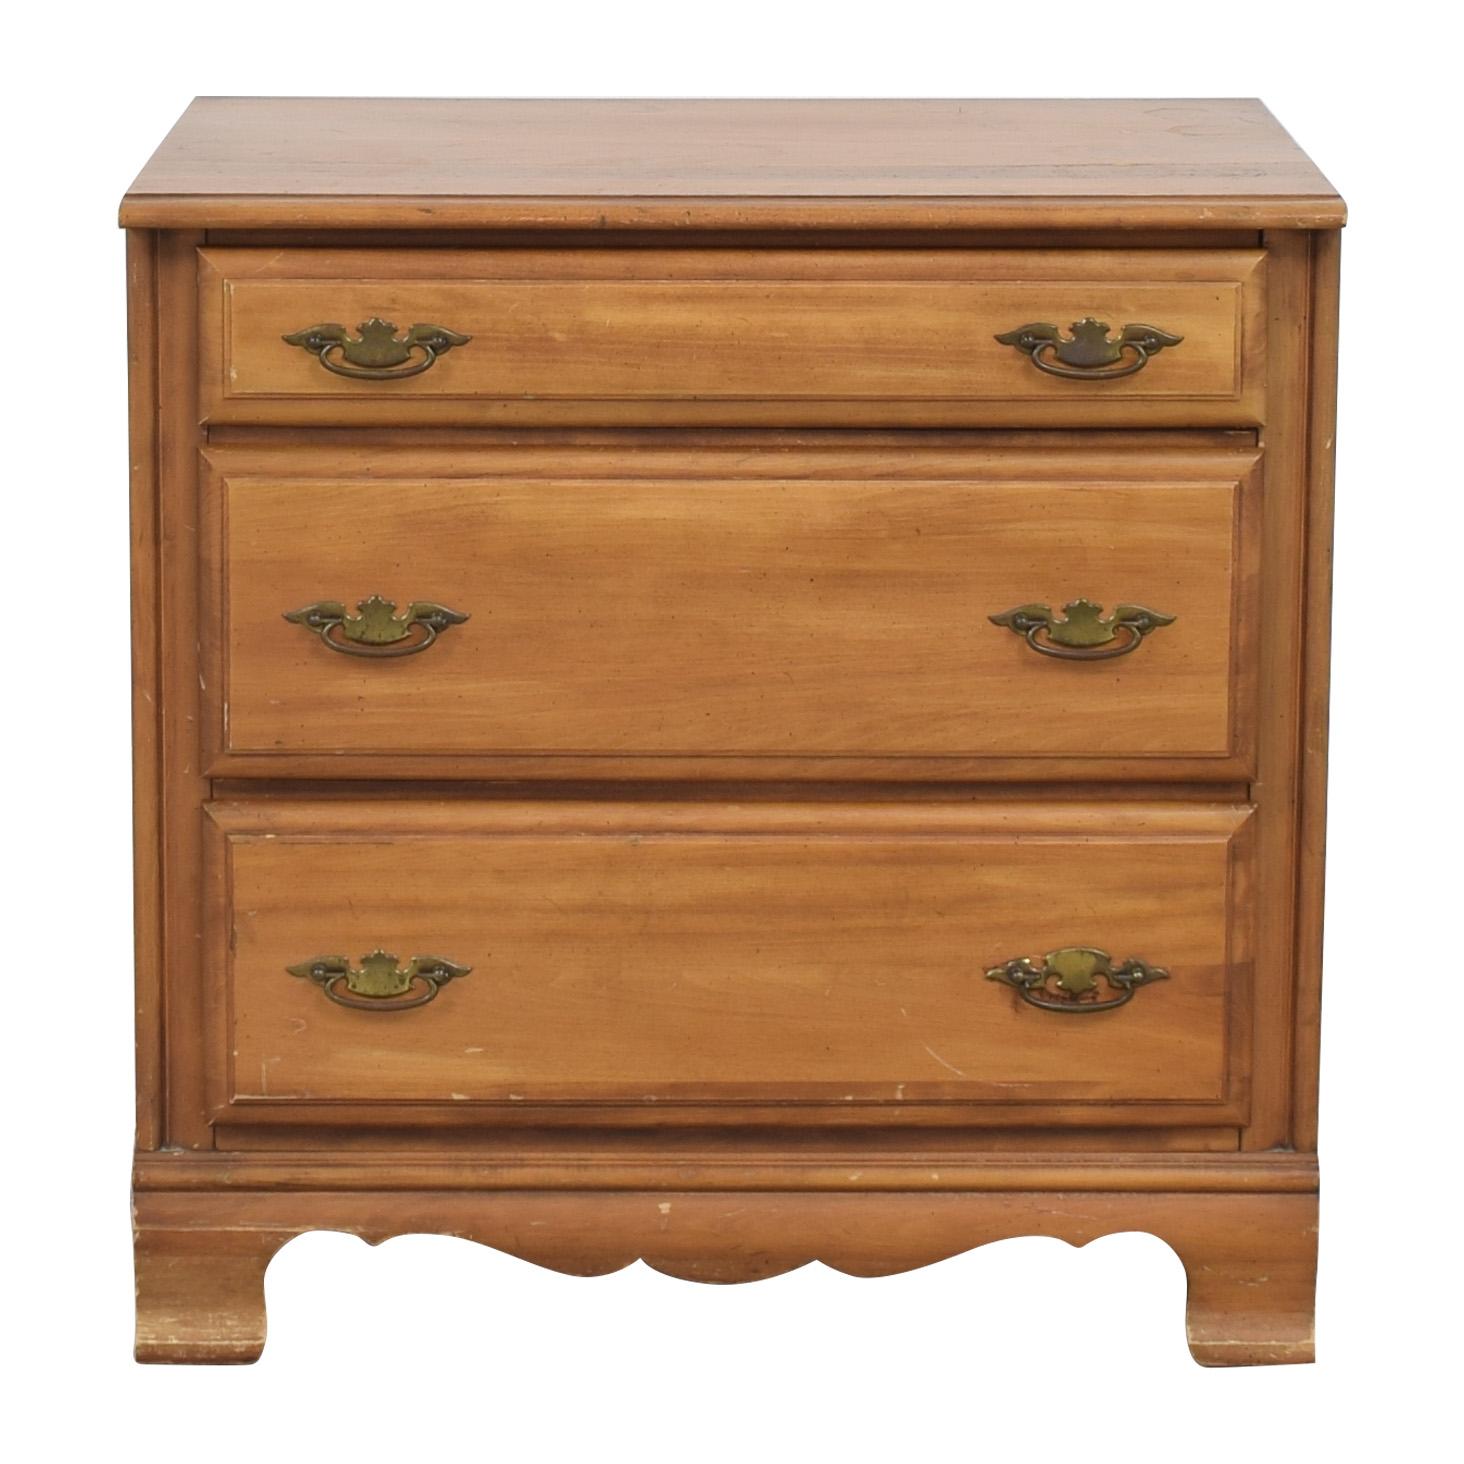 Sumter Cabinet Co. Dresser / Dressers